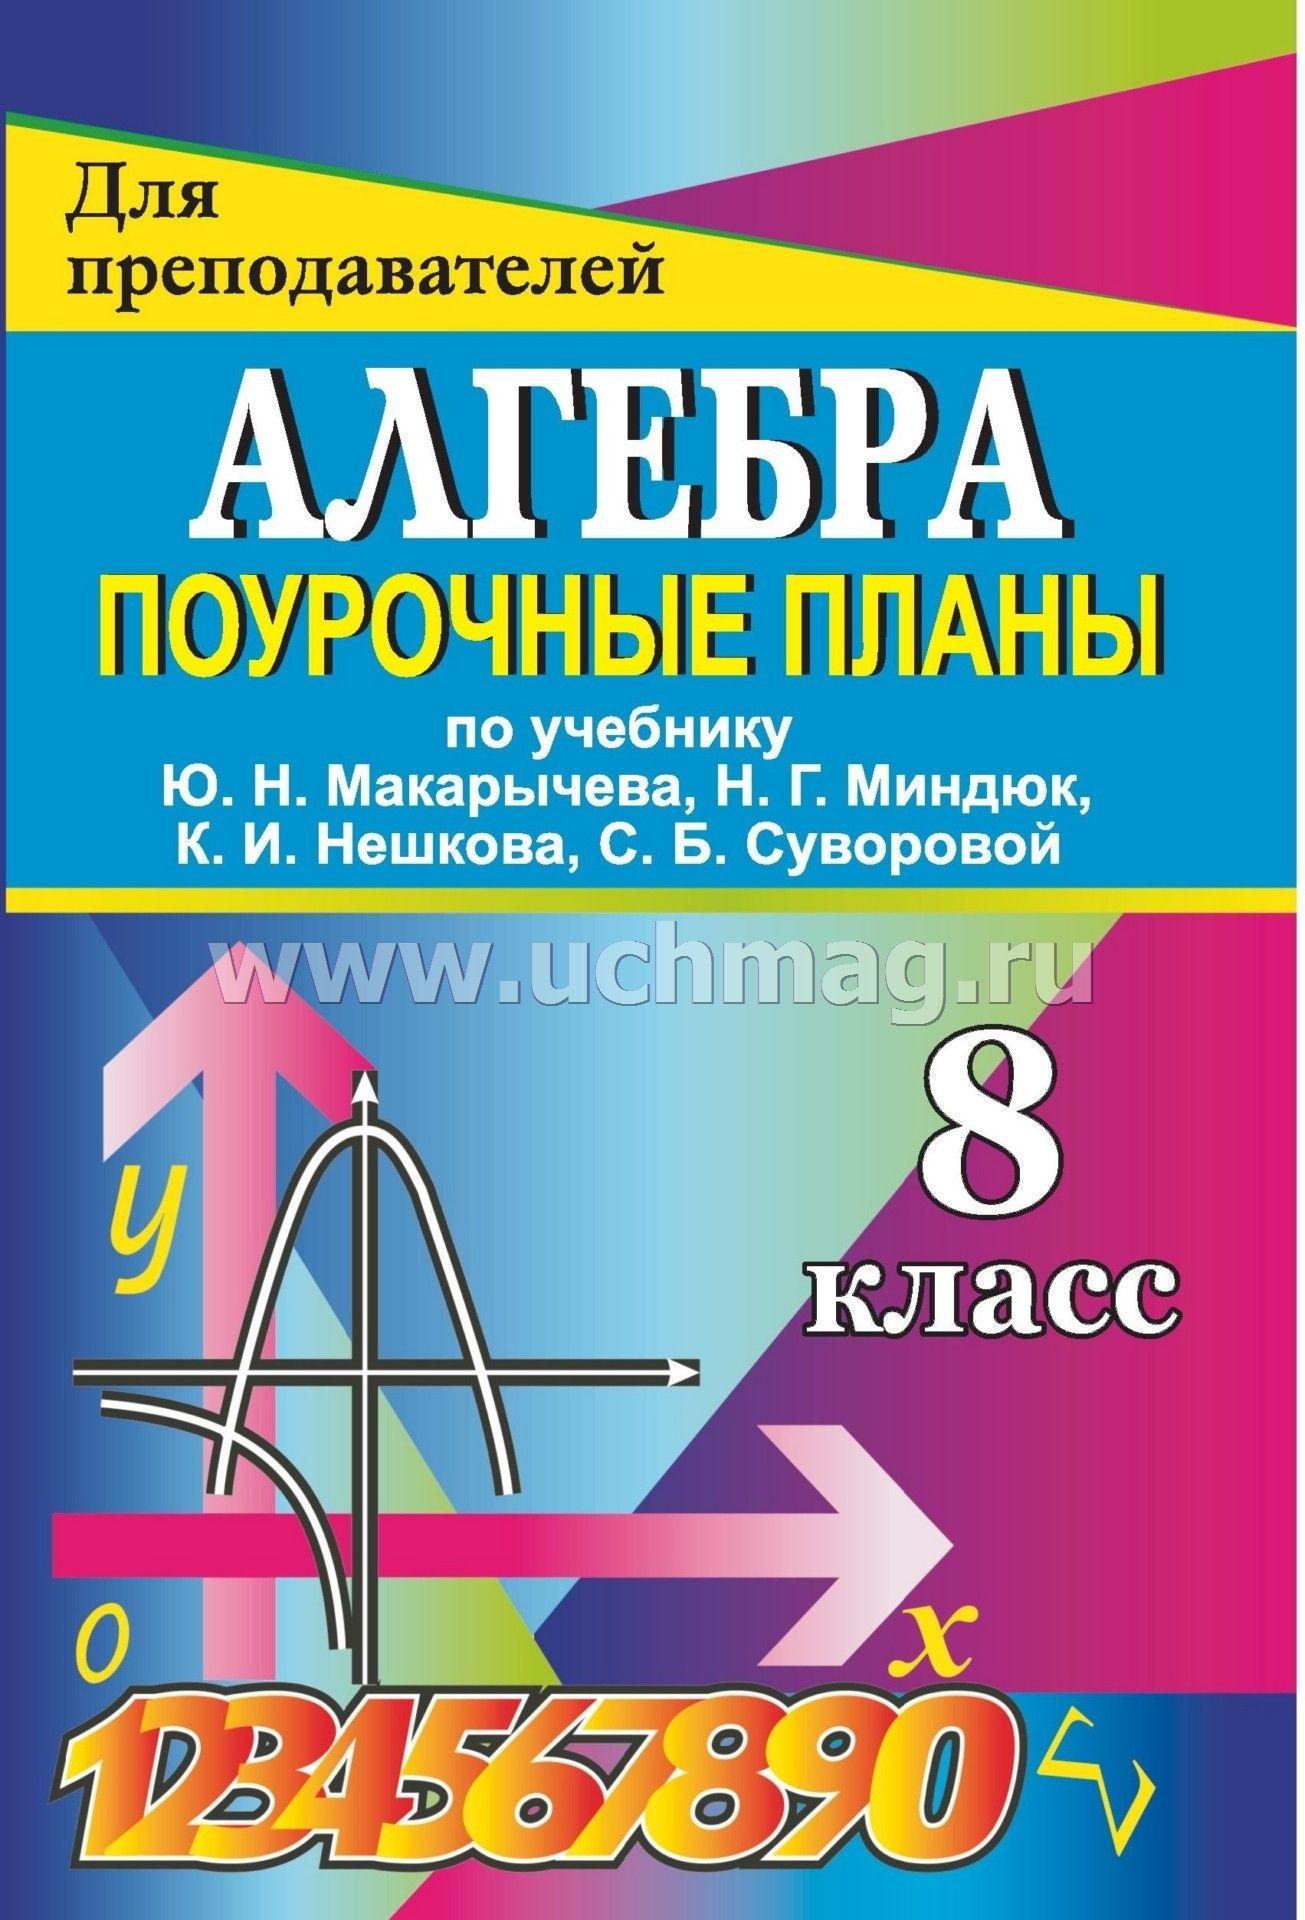 ПОУРОЧНЫЕ ПЛАНЫ АЛГЕБРА 7 КЛАСС МАКАРЫЧЕВ ВОРД СКАЧАТЬ БЕСПЛАТНО